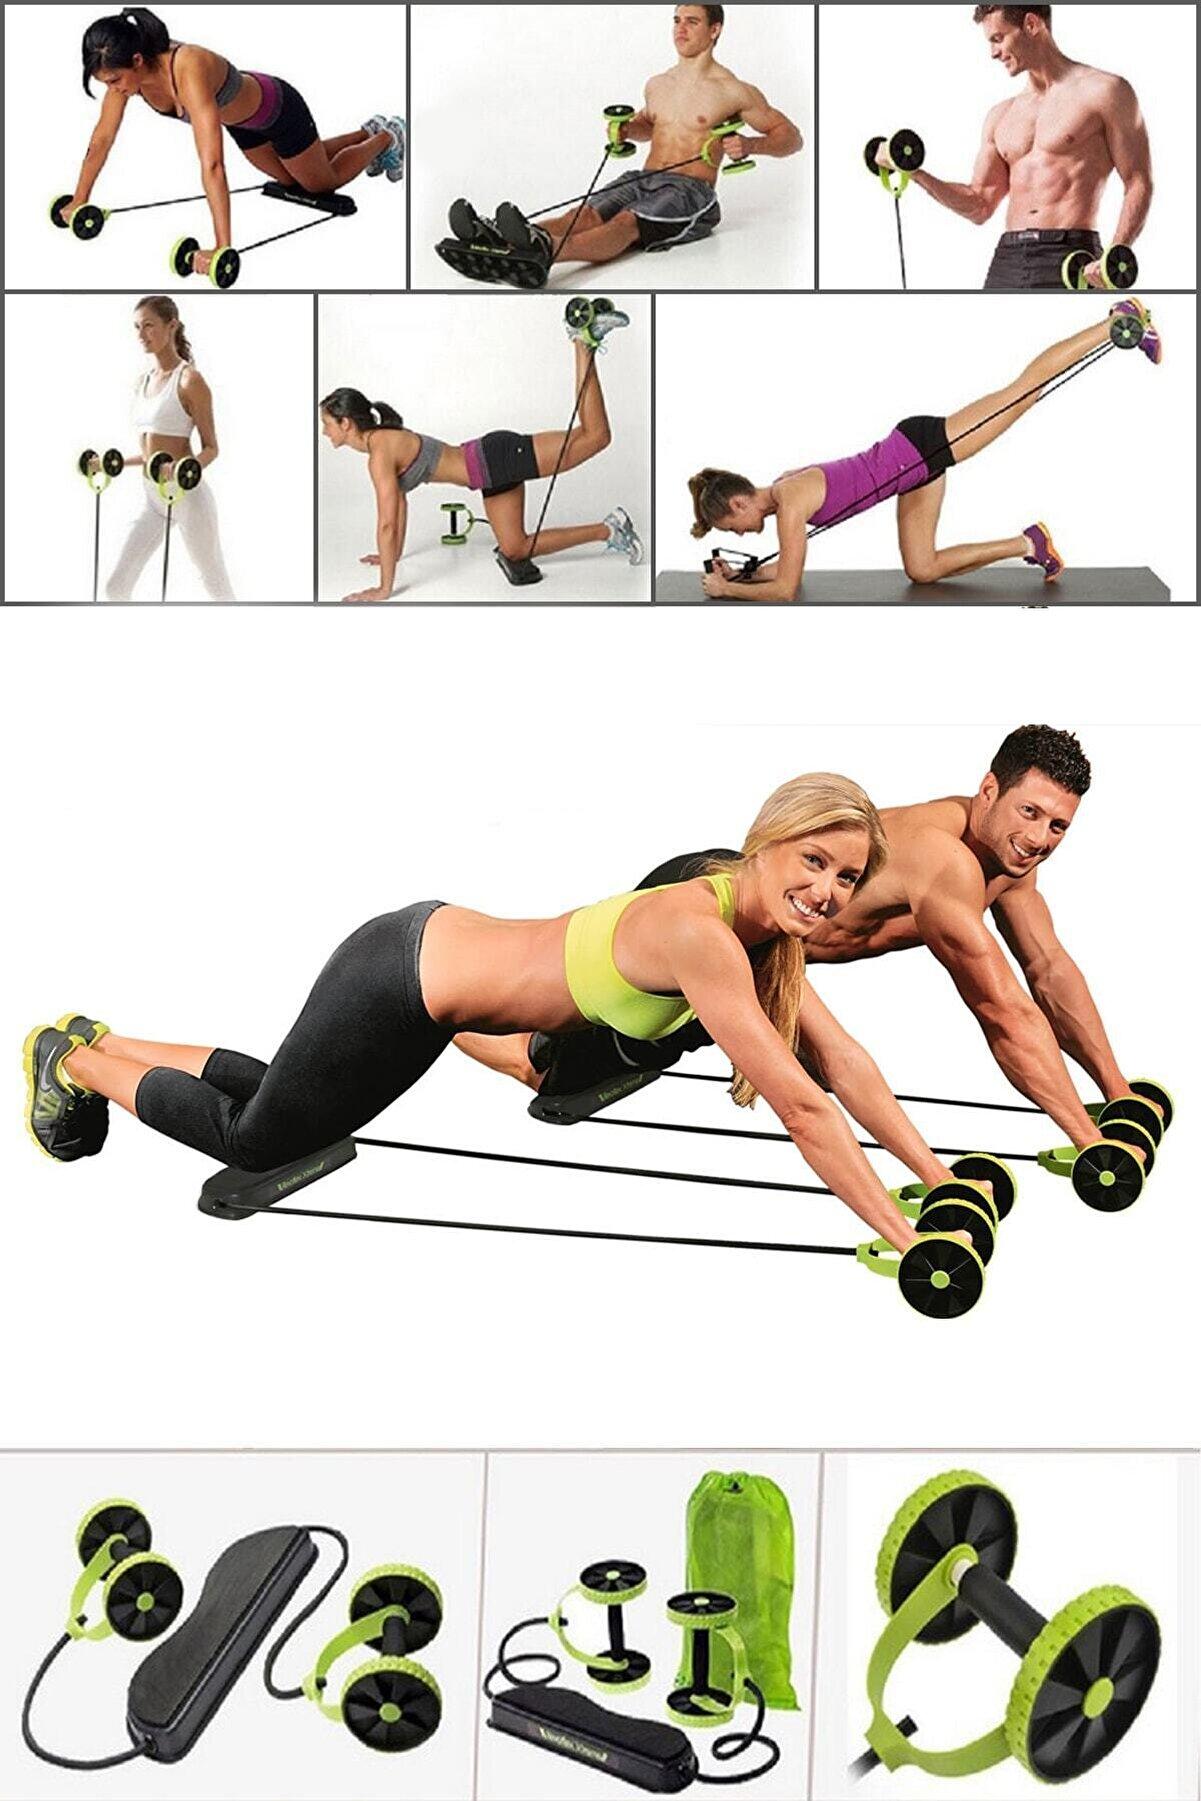 Binbirreyon Multiflex Spor Ve Egzersiz Aleti Fitness Mekik Şınav Aleti Seti Pilates Seti Ga063